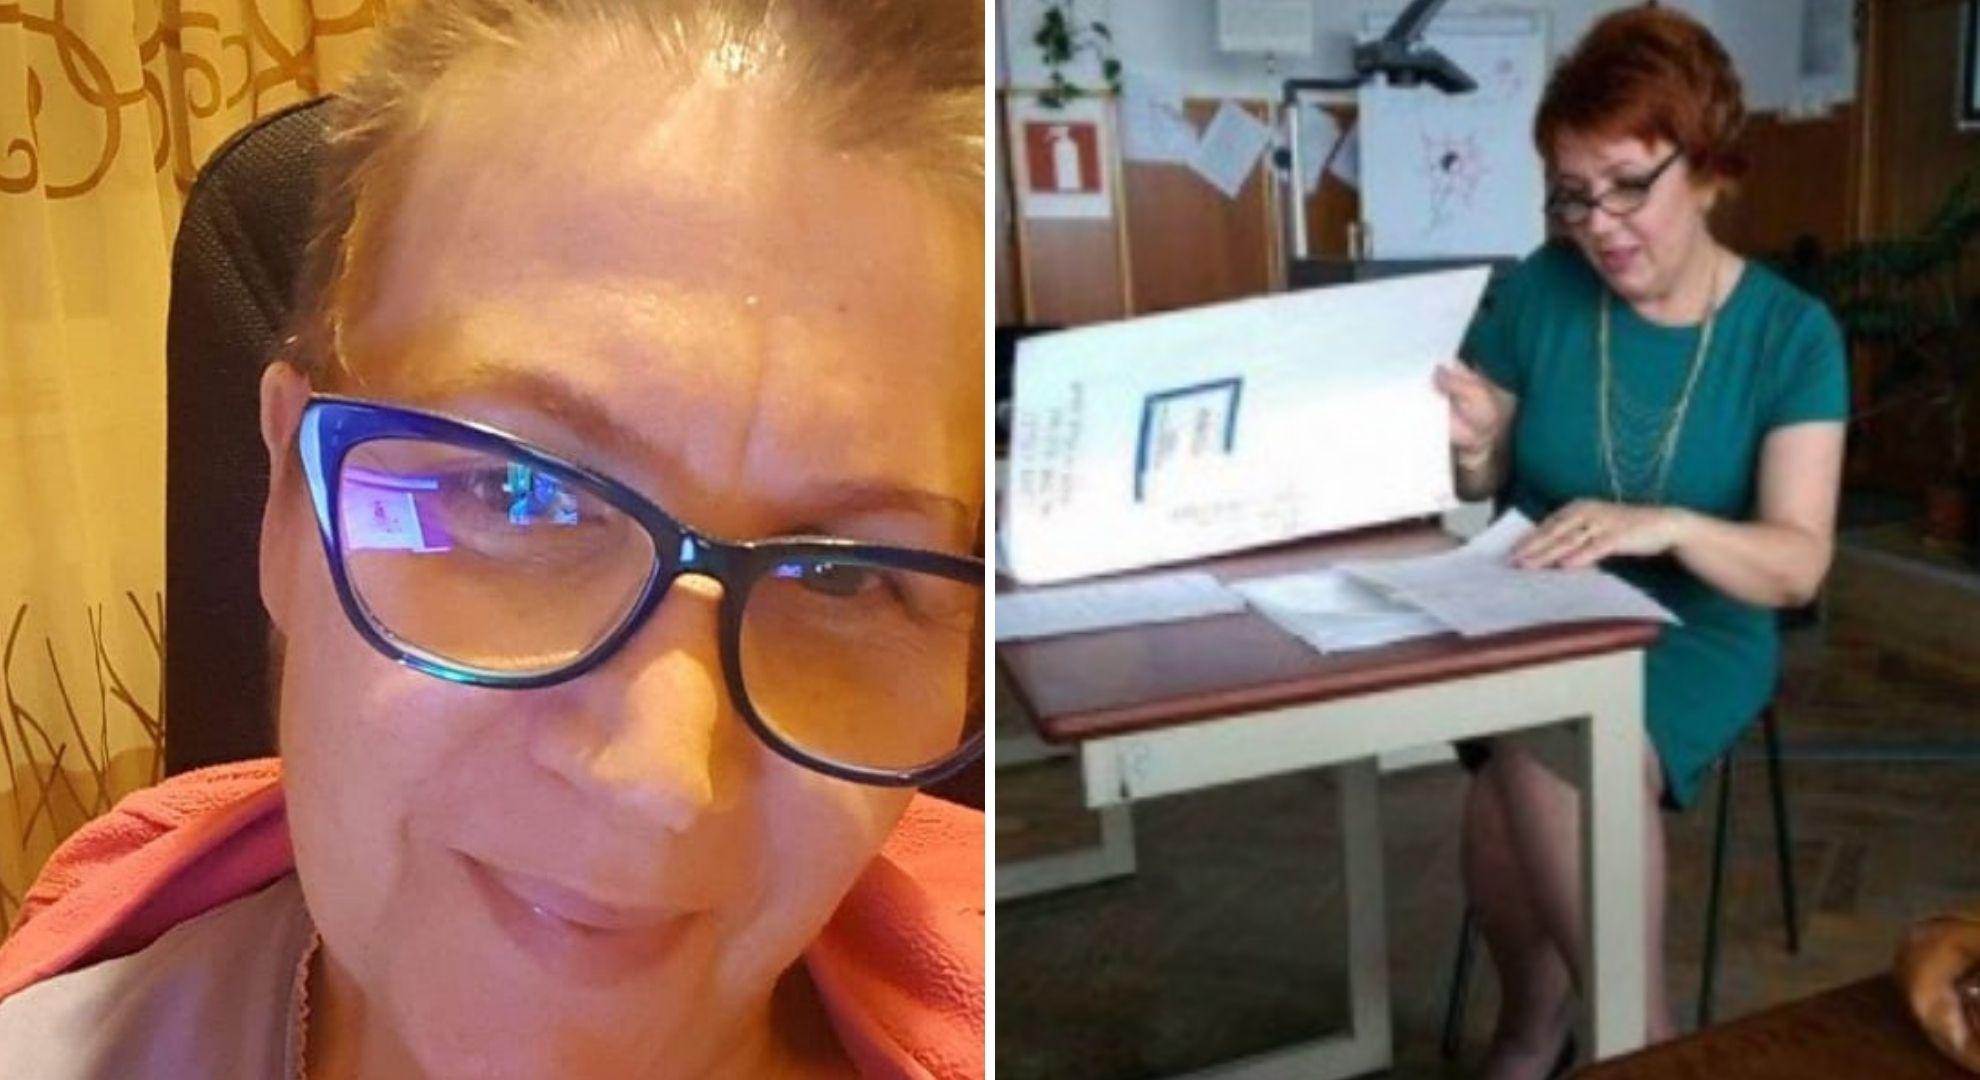 Povestea impresionantă a profesoarei care predă online printre ședințele de chimioterapie